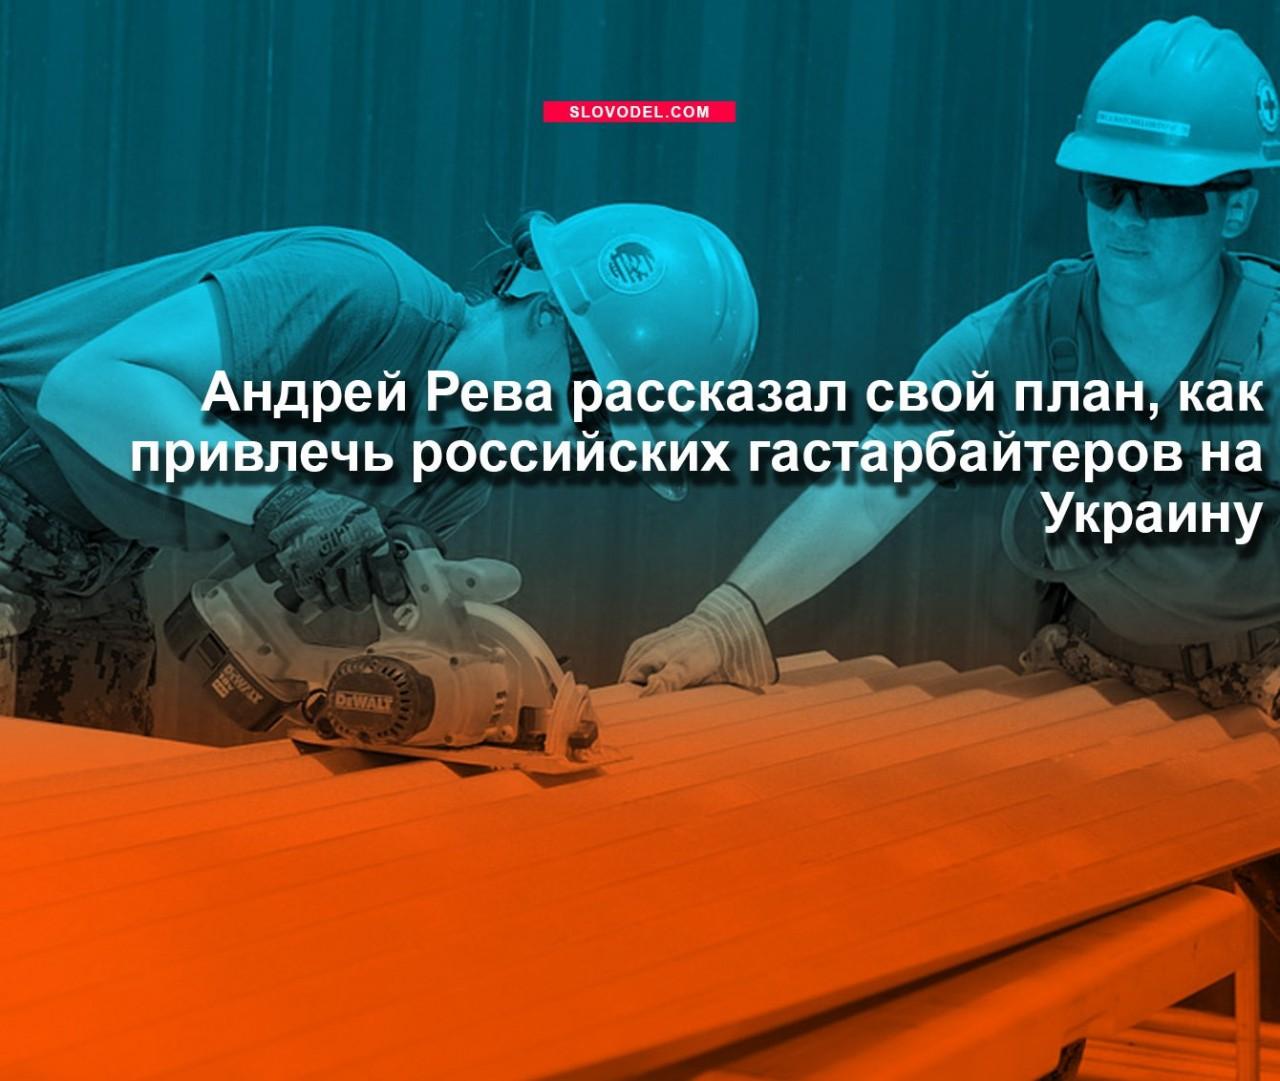 Андрей Рева рассказал свой план, как привлечь российских гастарбайтеров на Украину